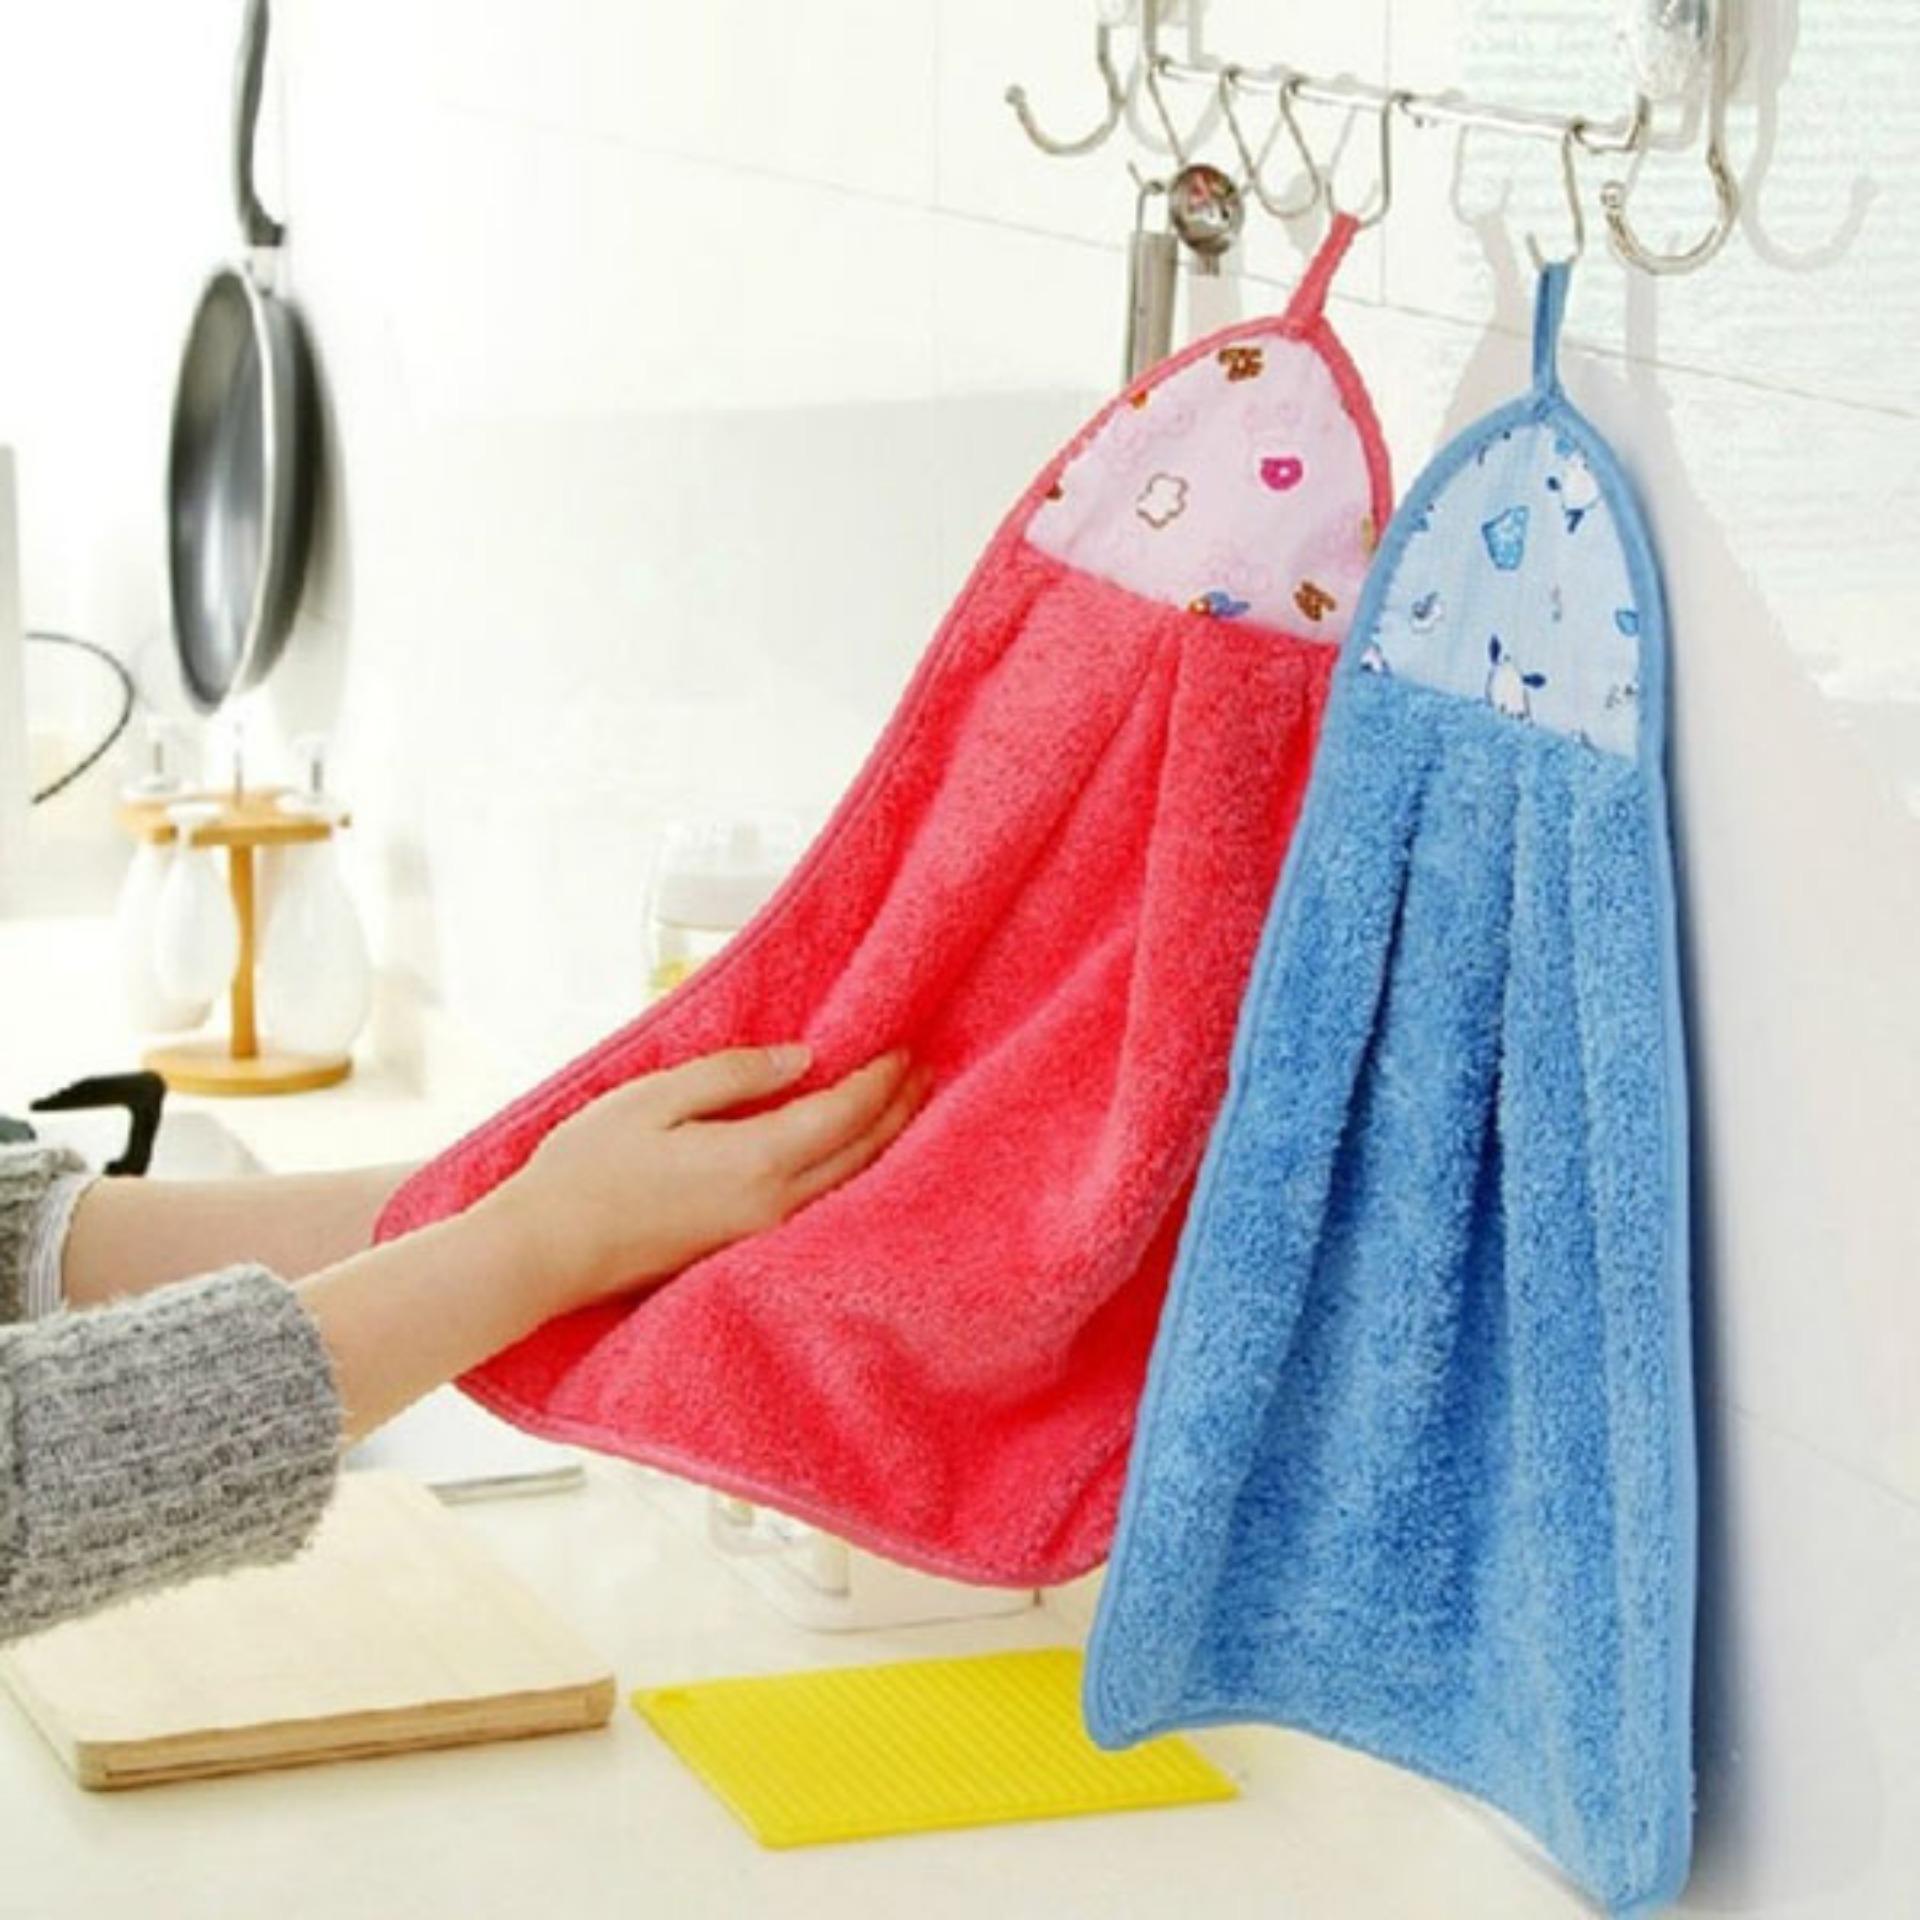 Chổi Lau Nhà Thông Minh, Chổi Lau Nhà Hút Bụi Đa Năng TẶNG KÈM 3 khăn lau tay nhà bếp